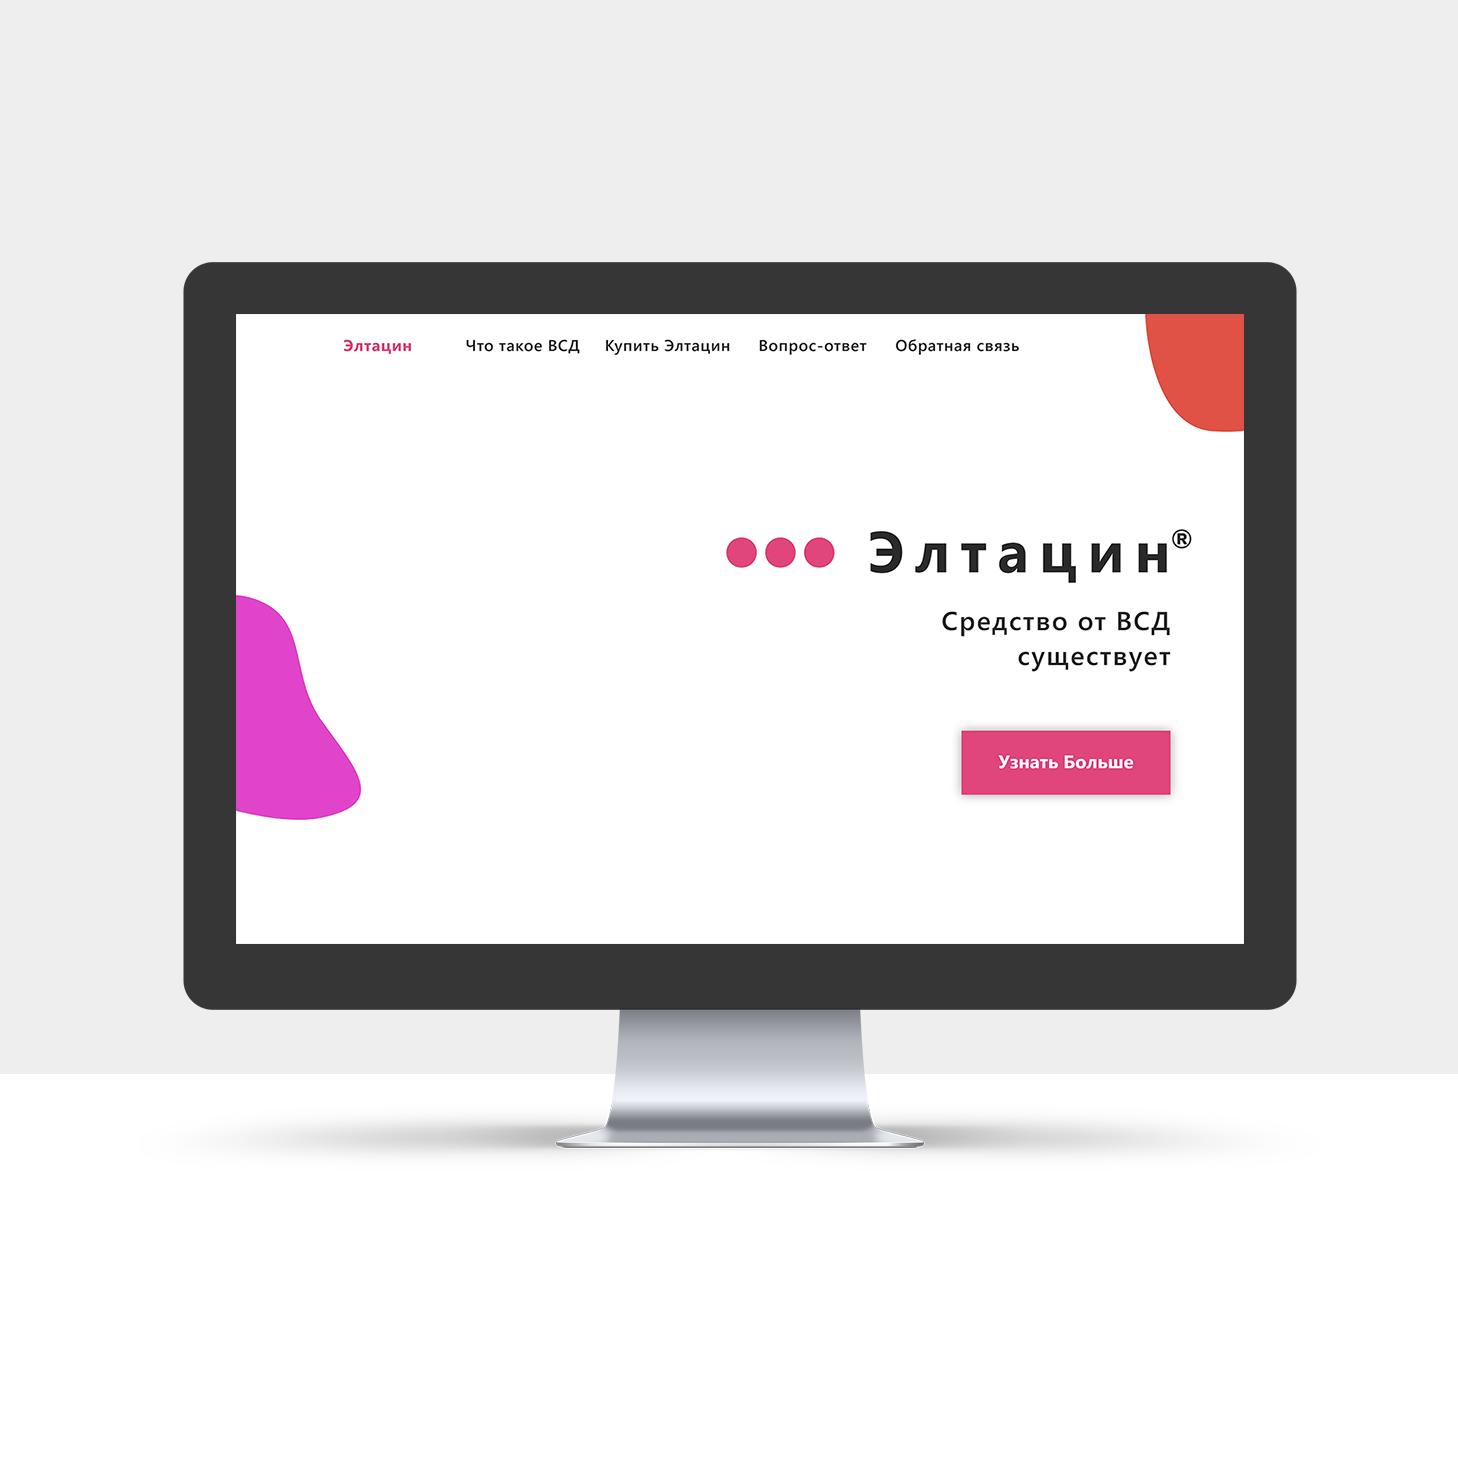 Дизайн главной страницы сайта лекарственного препарата фото f_2315c814d100b185.png